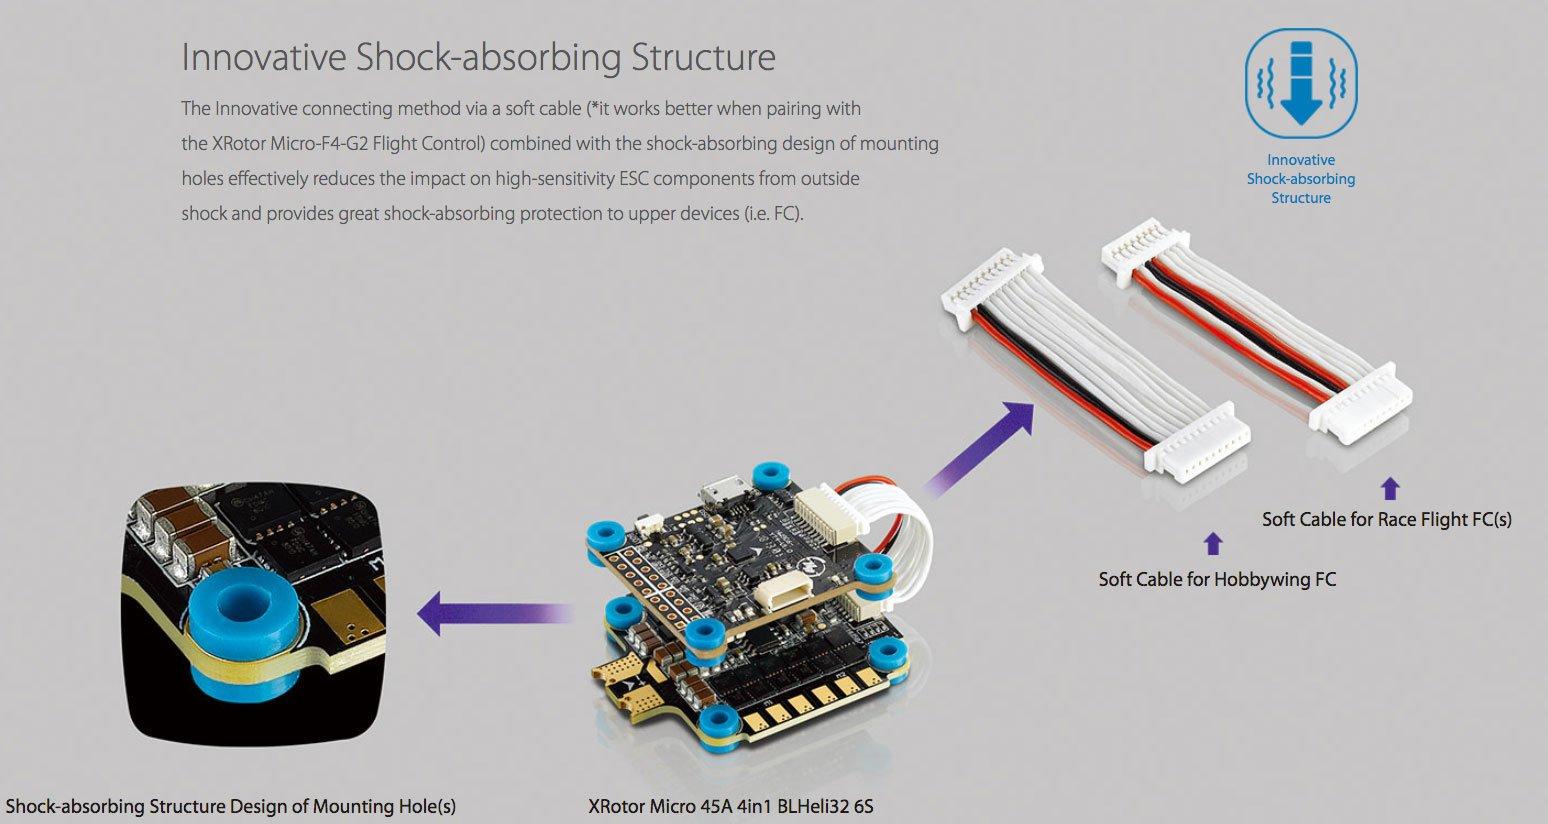 www.getfpv.com/media/wysiwyg/product-detail-images/esc/xrotor45A4ESCd.jpg